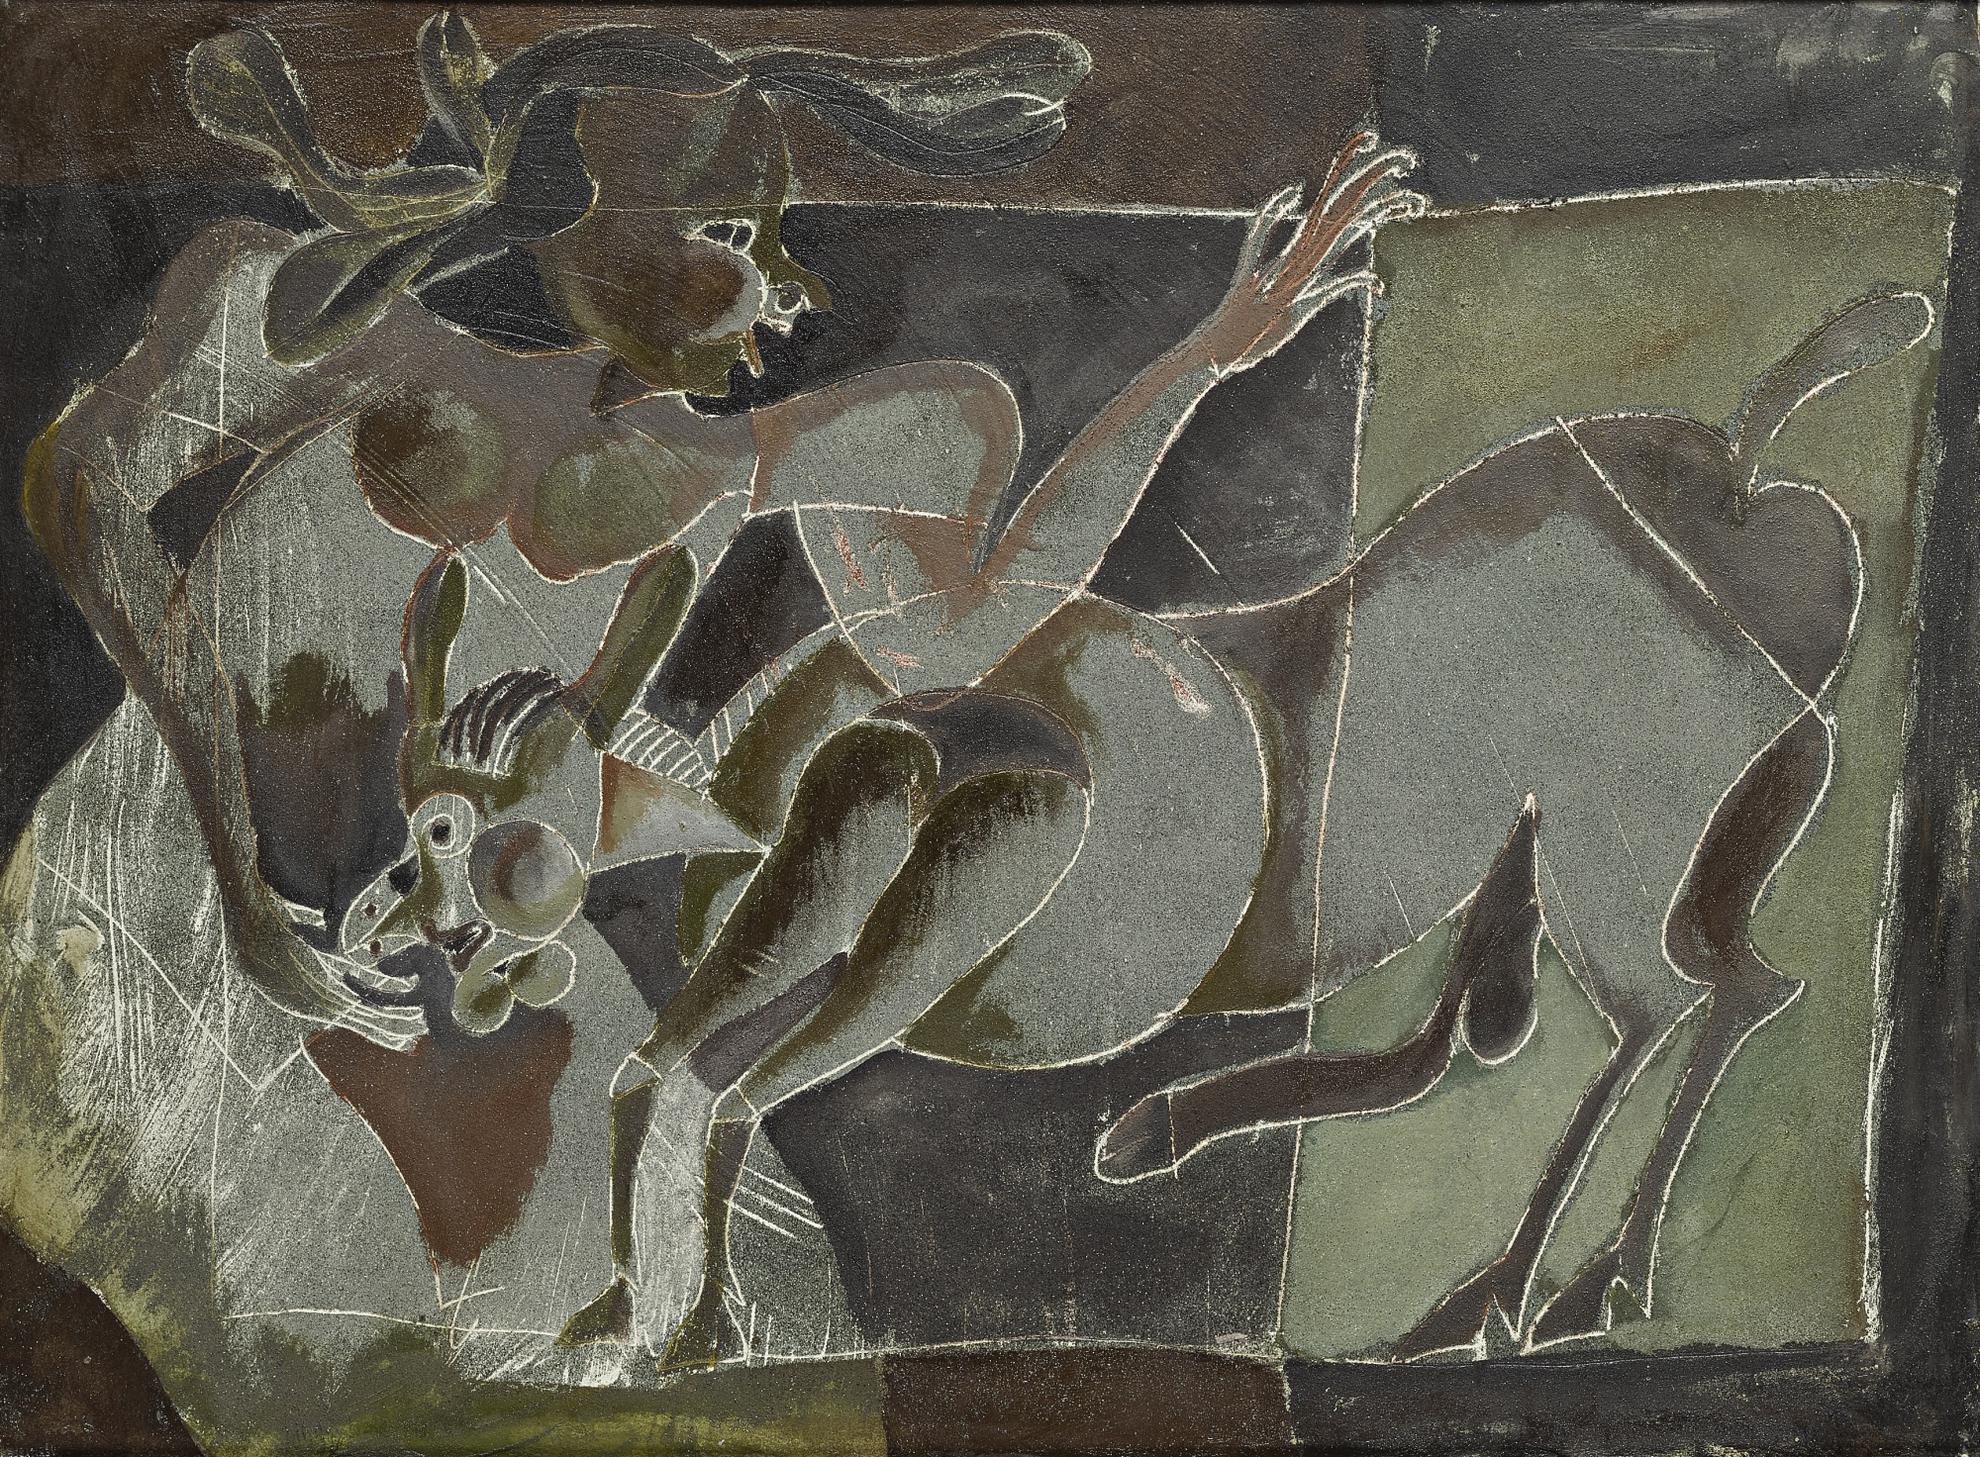 Francisco Toledo-Juegos-1980